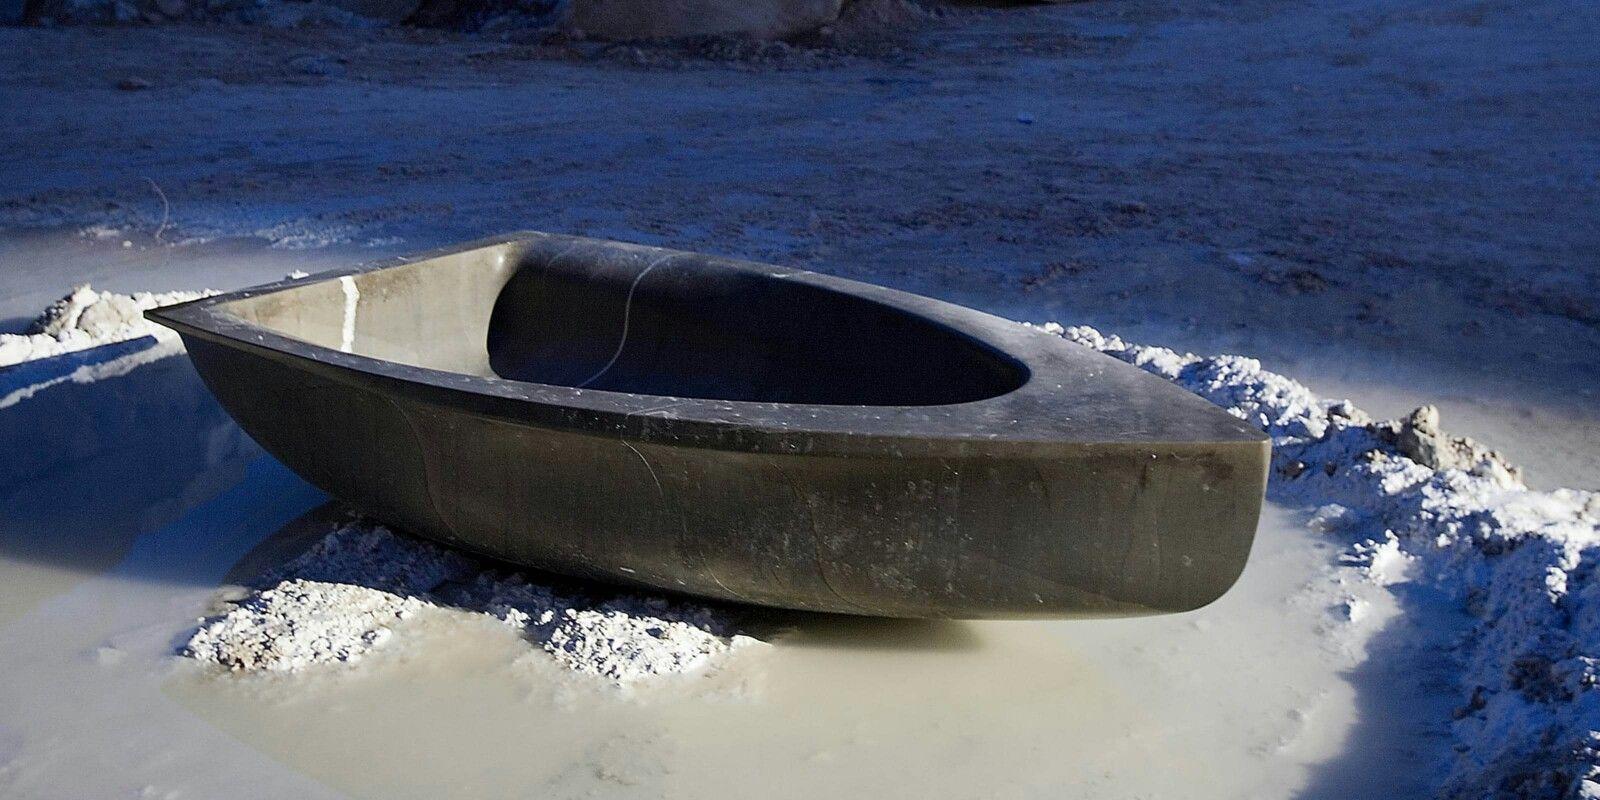 Vascabara bathtub by Antonio Lulu Een stenen badkuip, in de vorm van een boot. Deze badkuip heeft een gewicht van 600kg en is uiterst geschikt voor buitengebruik.